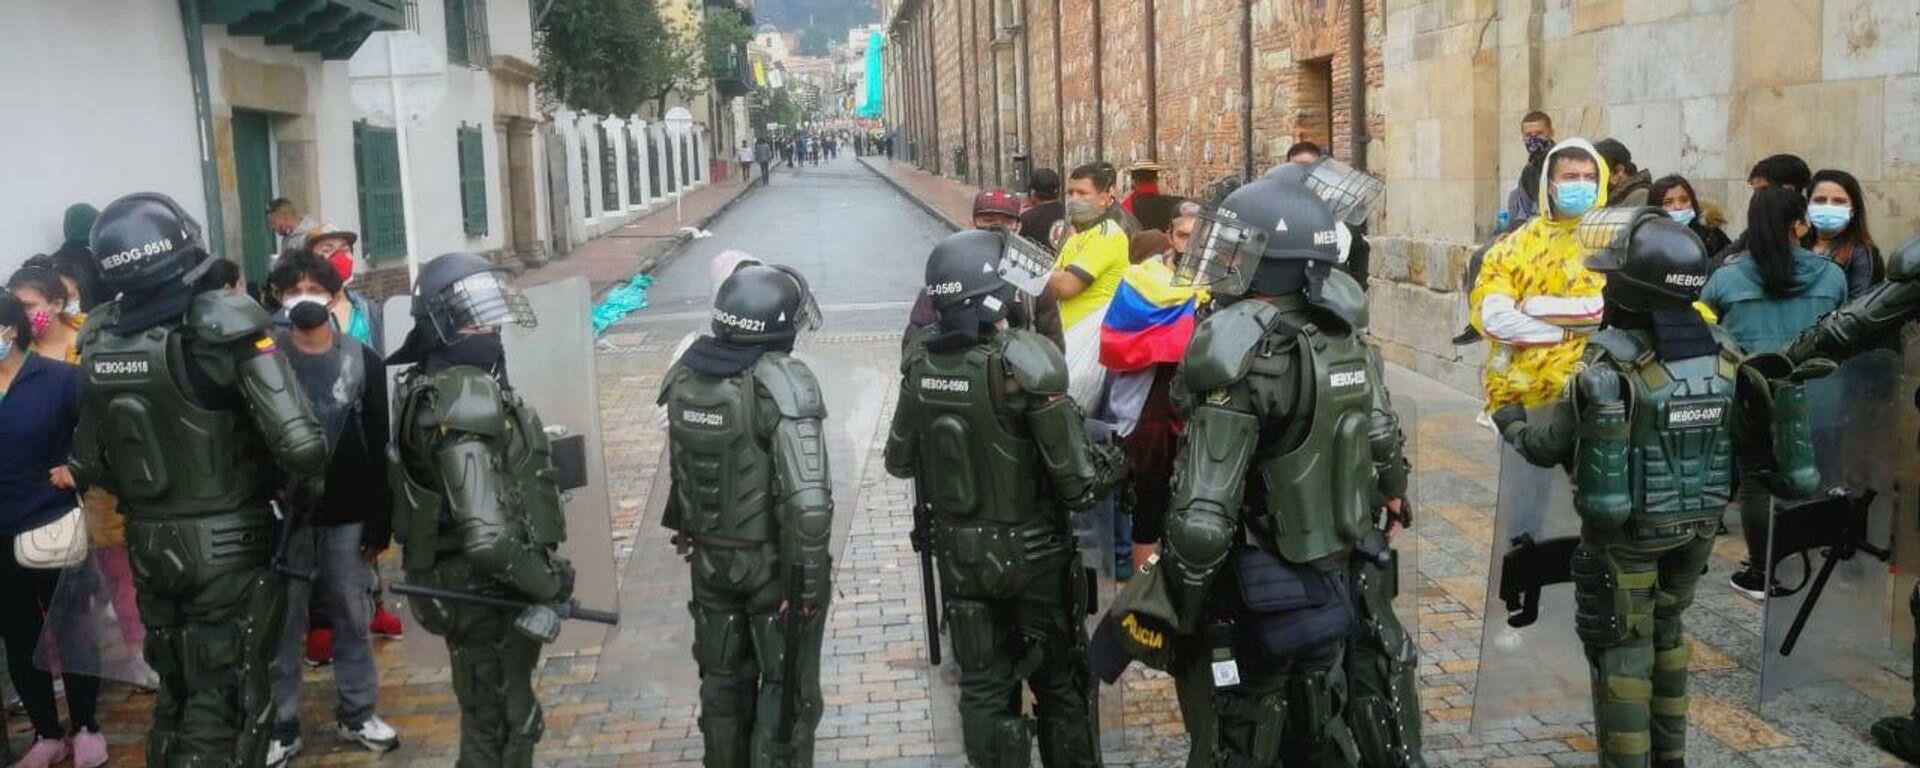 La Policía colombiana se desplegó en la jornada de protestas - Sputnik Mundo, 1920, 24.07.2021